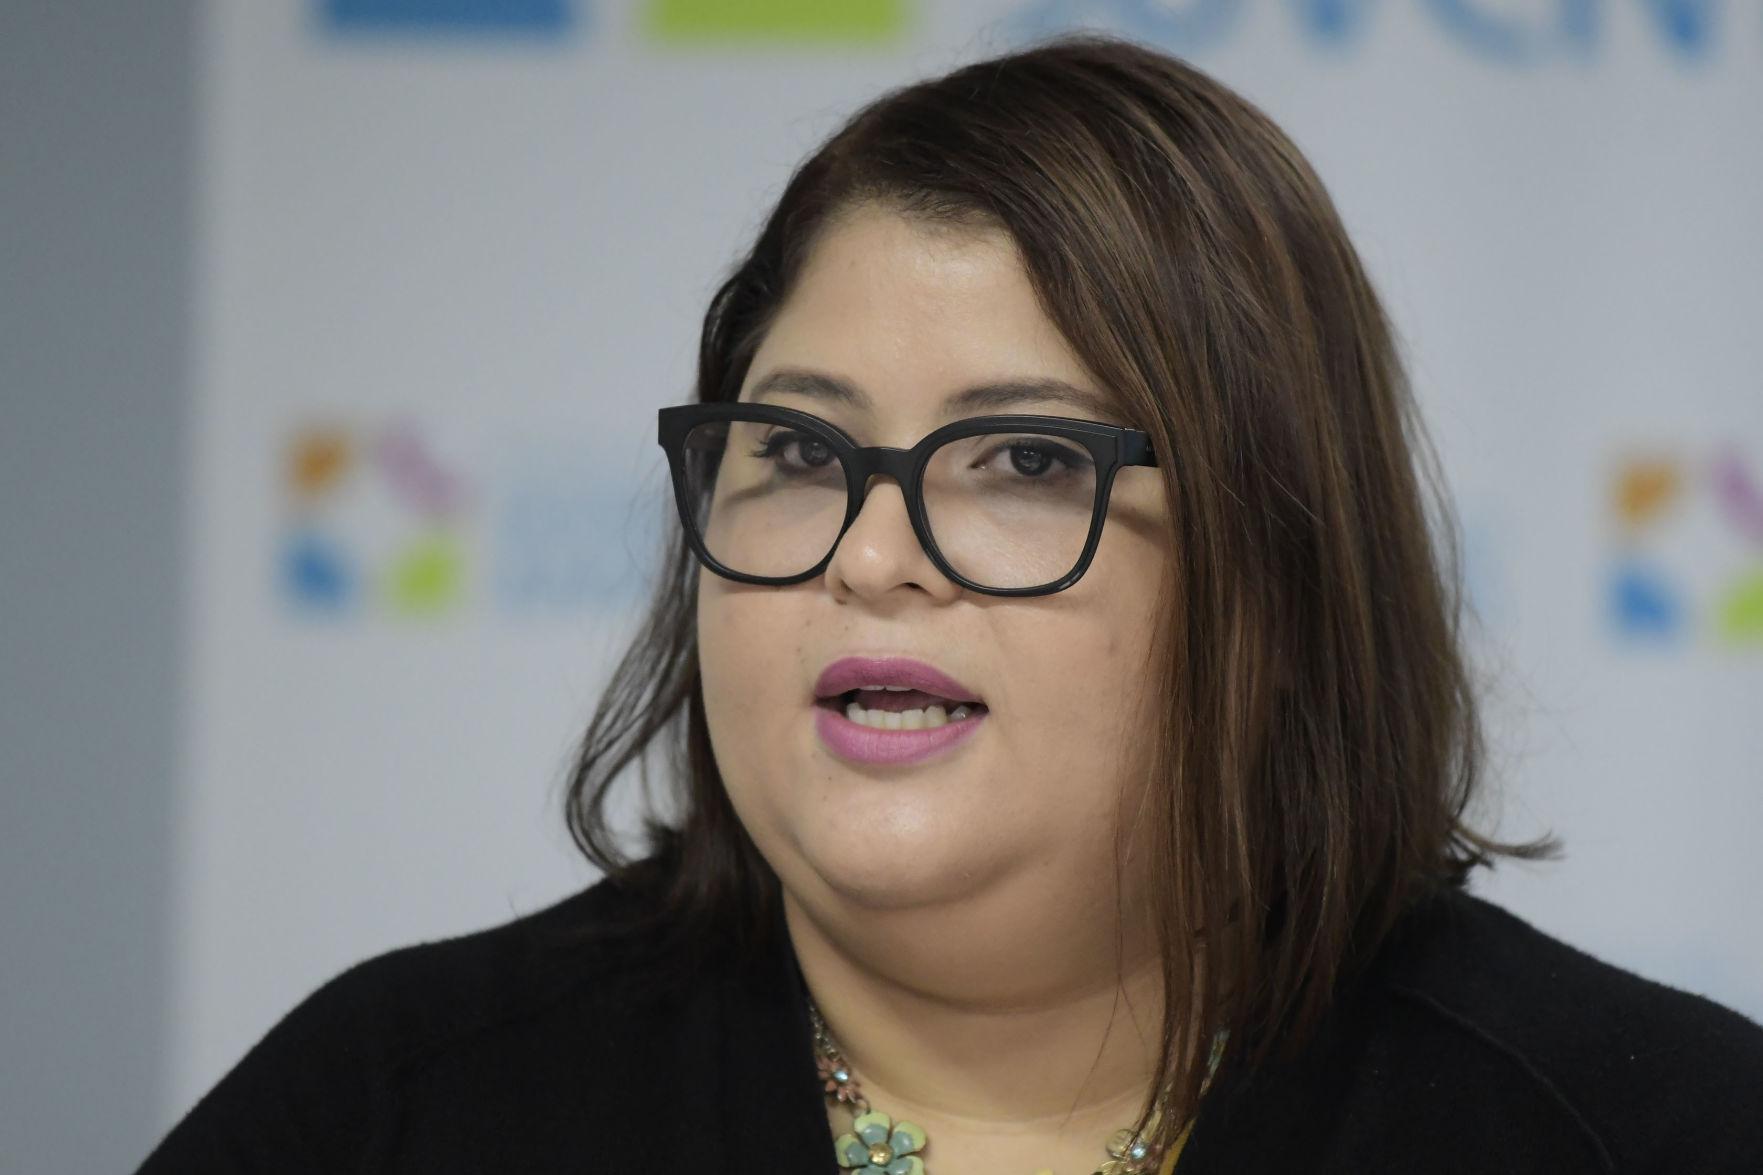 Población infantil se reduce un 43% en Puerto Rico